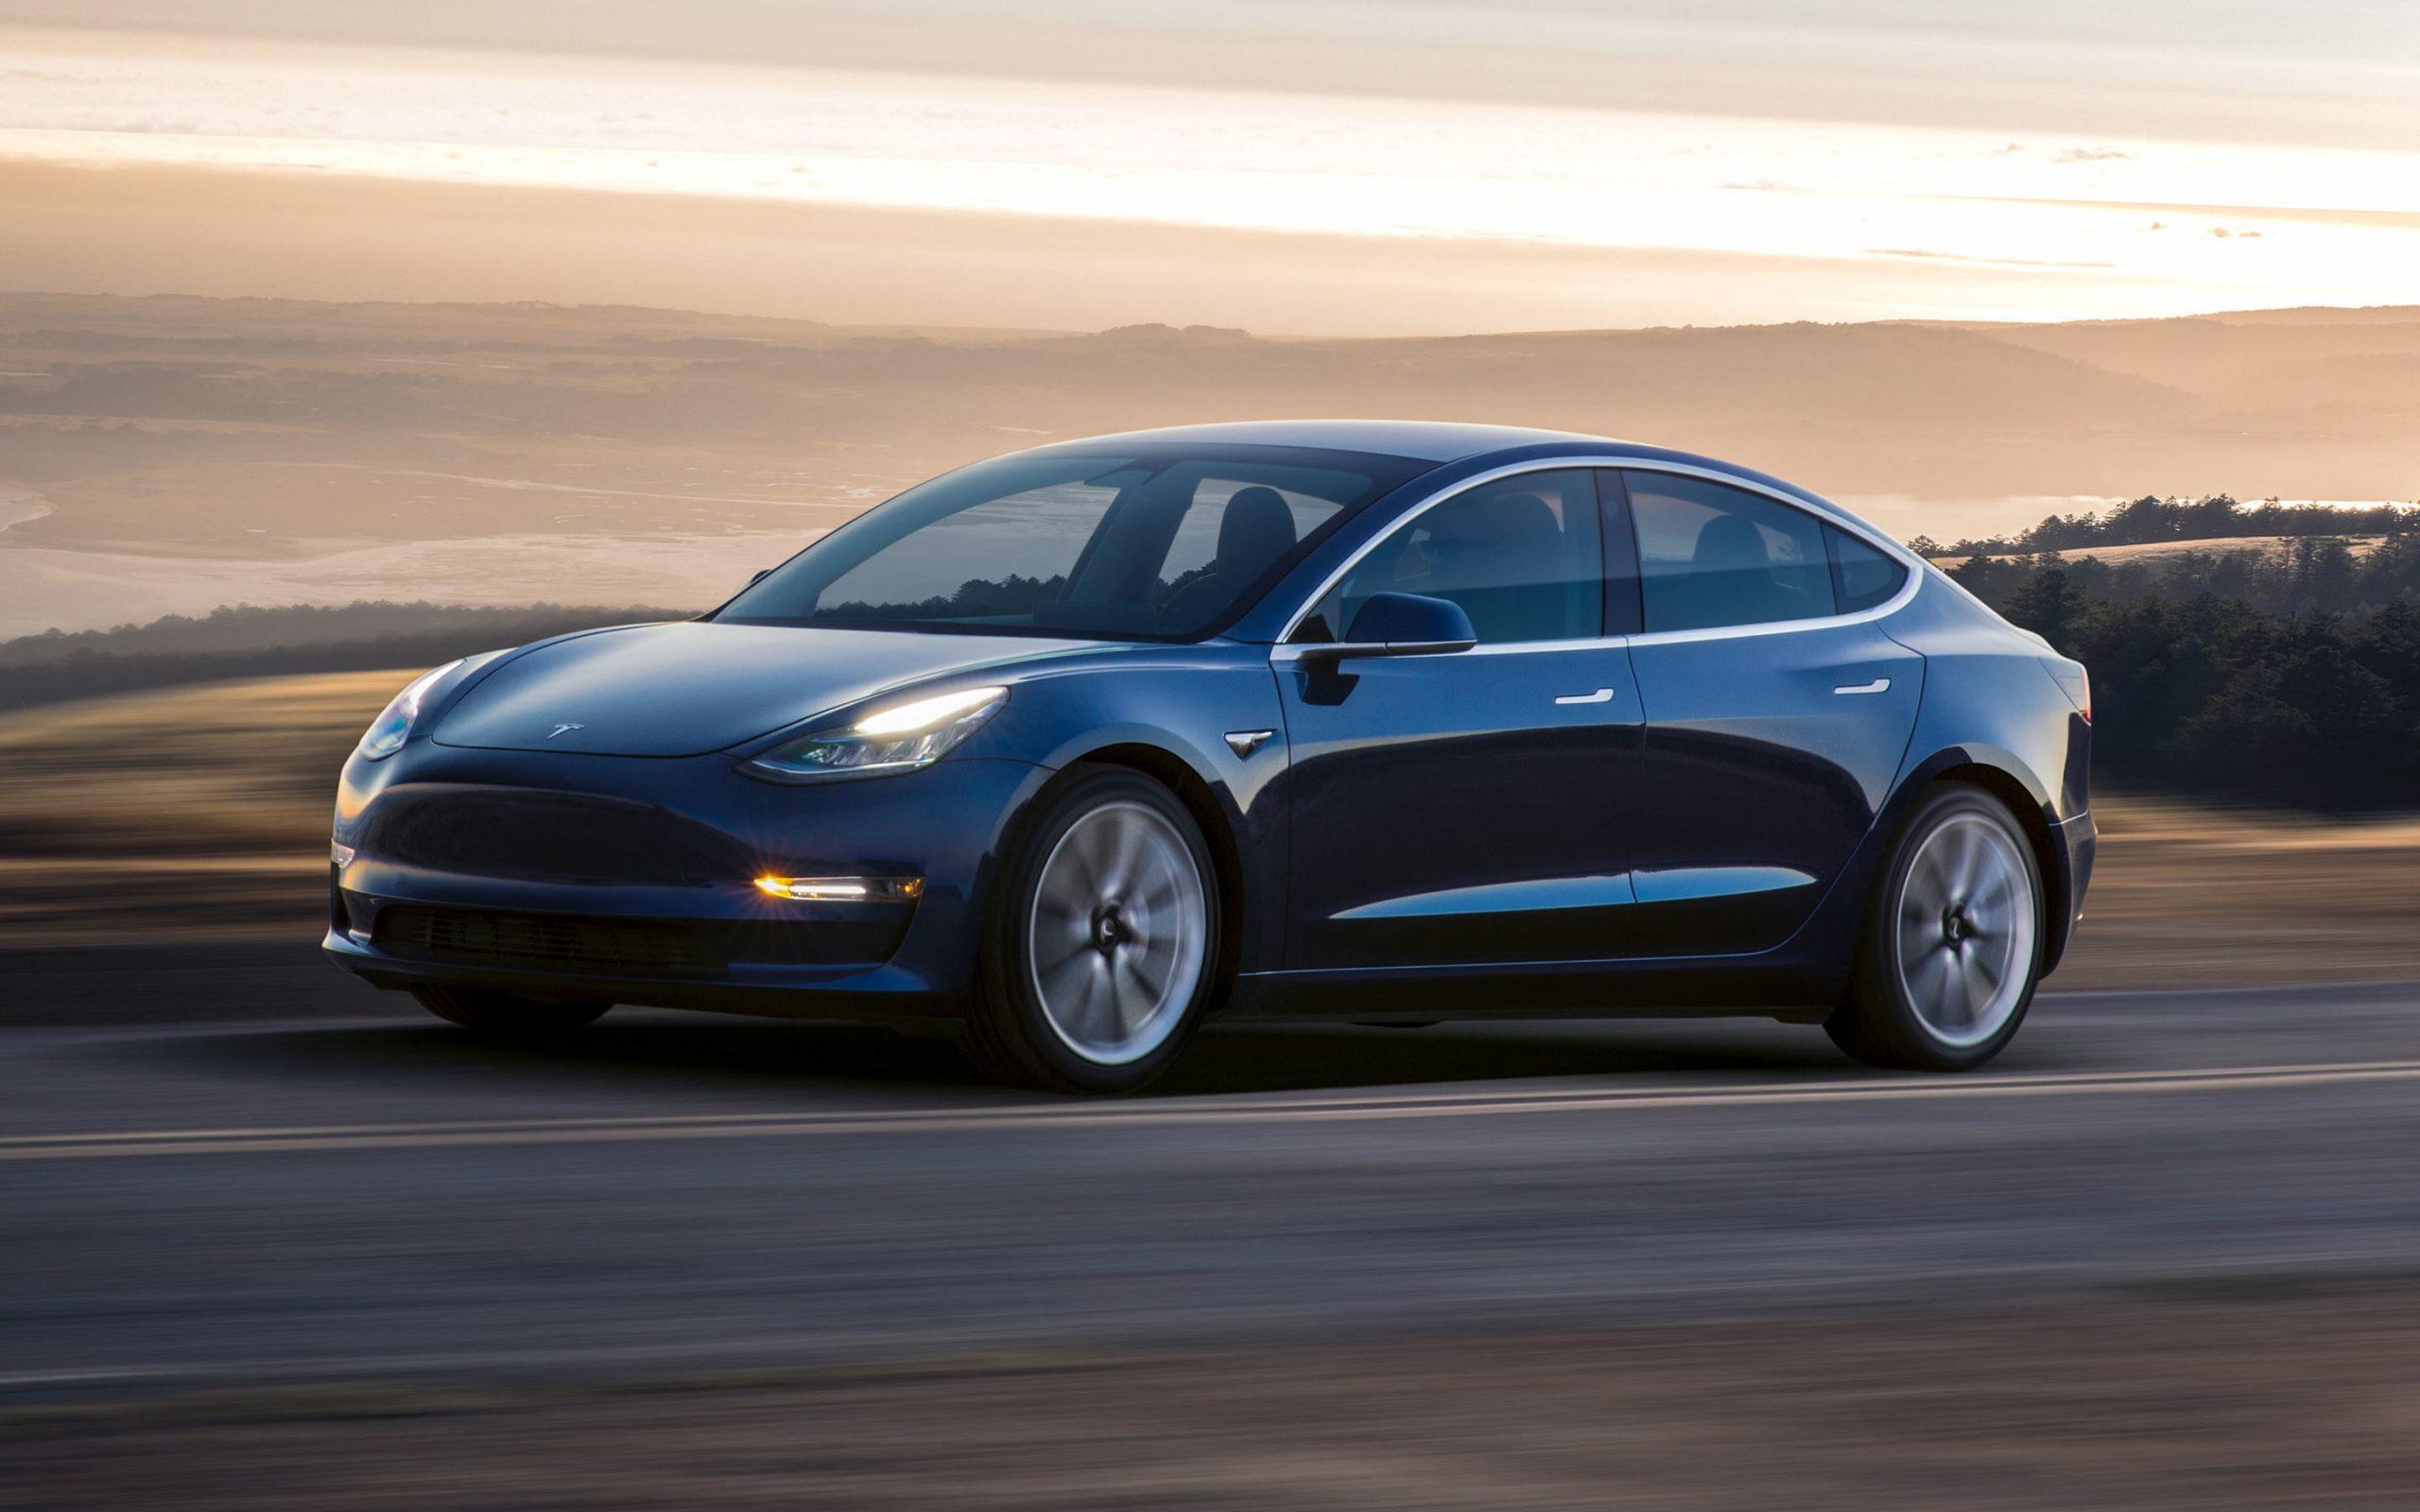 Một YouTuber tuyên bố sẽ mua 111 chiếc Tesla Model 3 nếu Elon Musk chấp nhận BCH